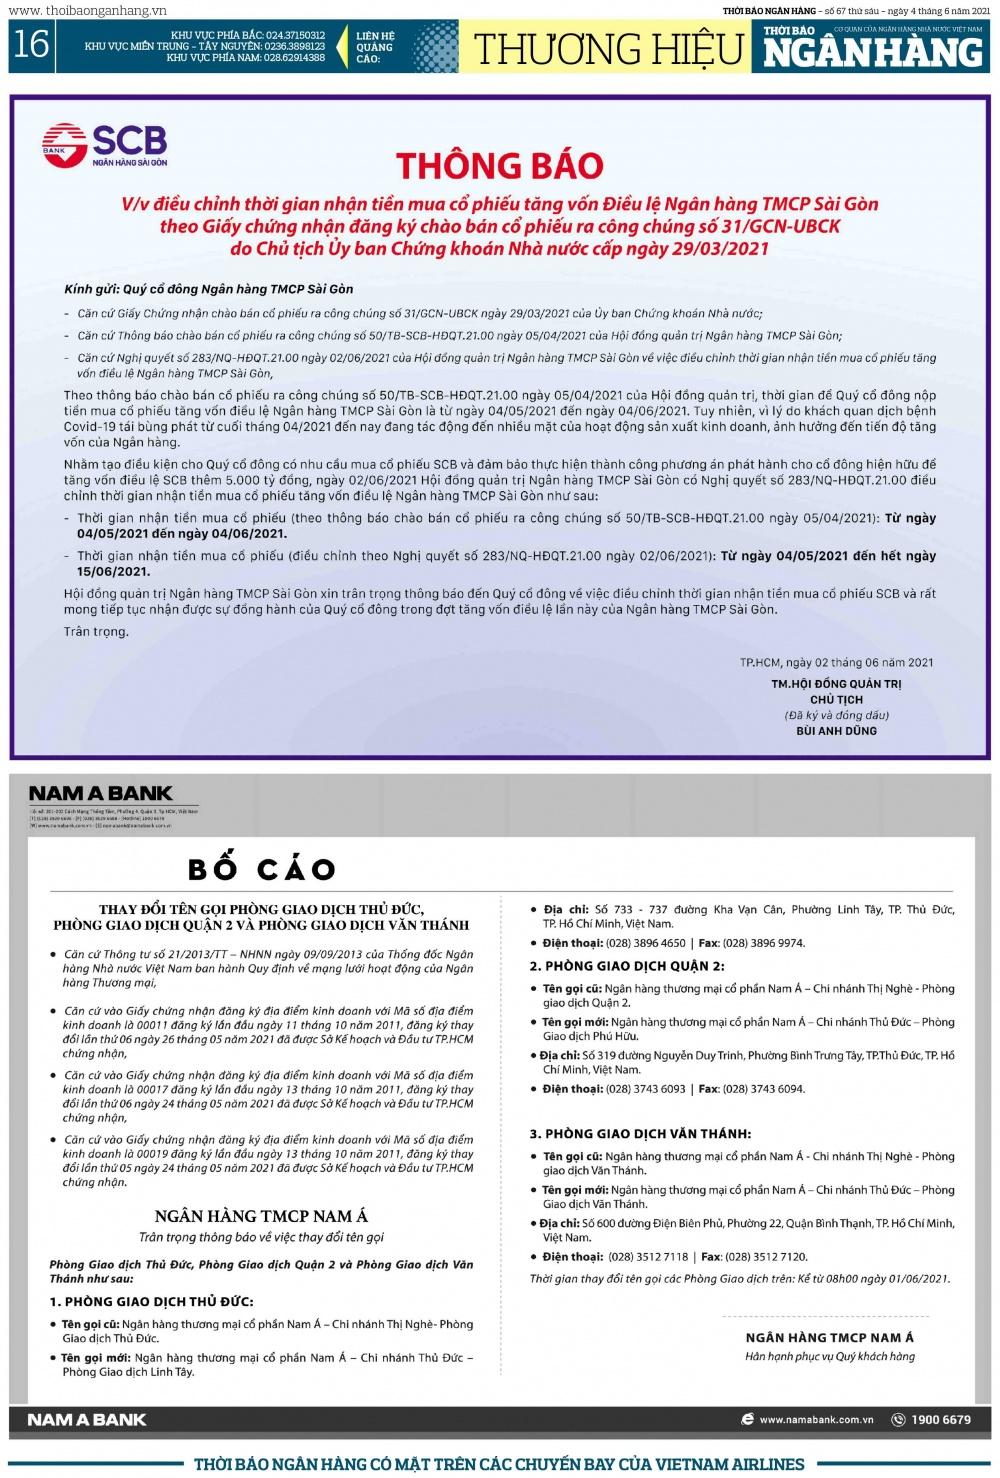 Trang 15